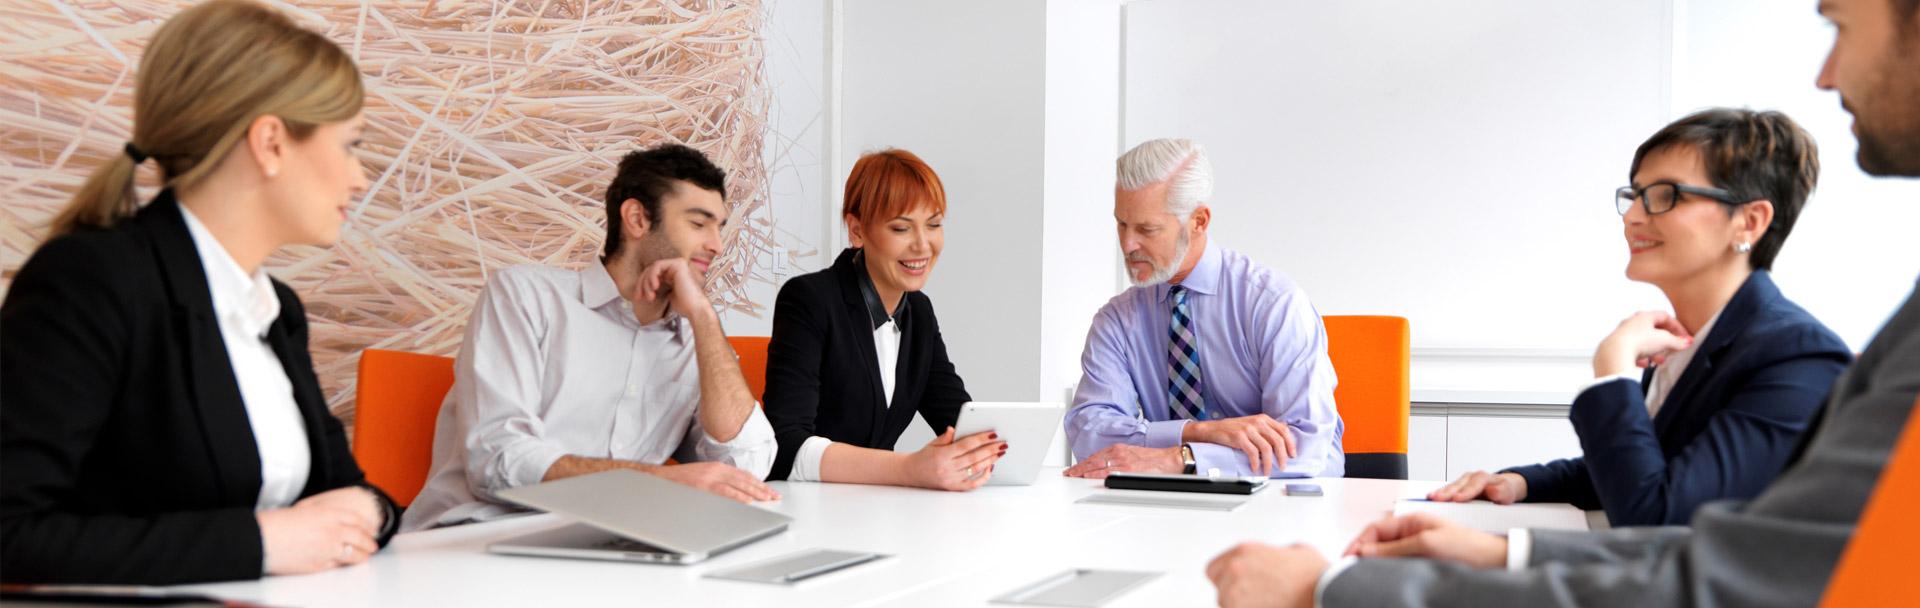 Ontwikkeling datagedreven competenties en cultuur - Hot ITem Academy